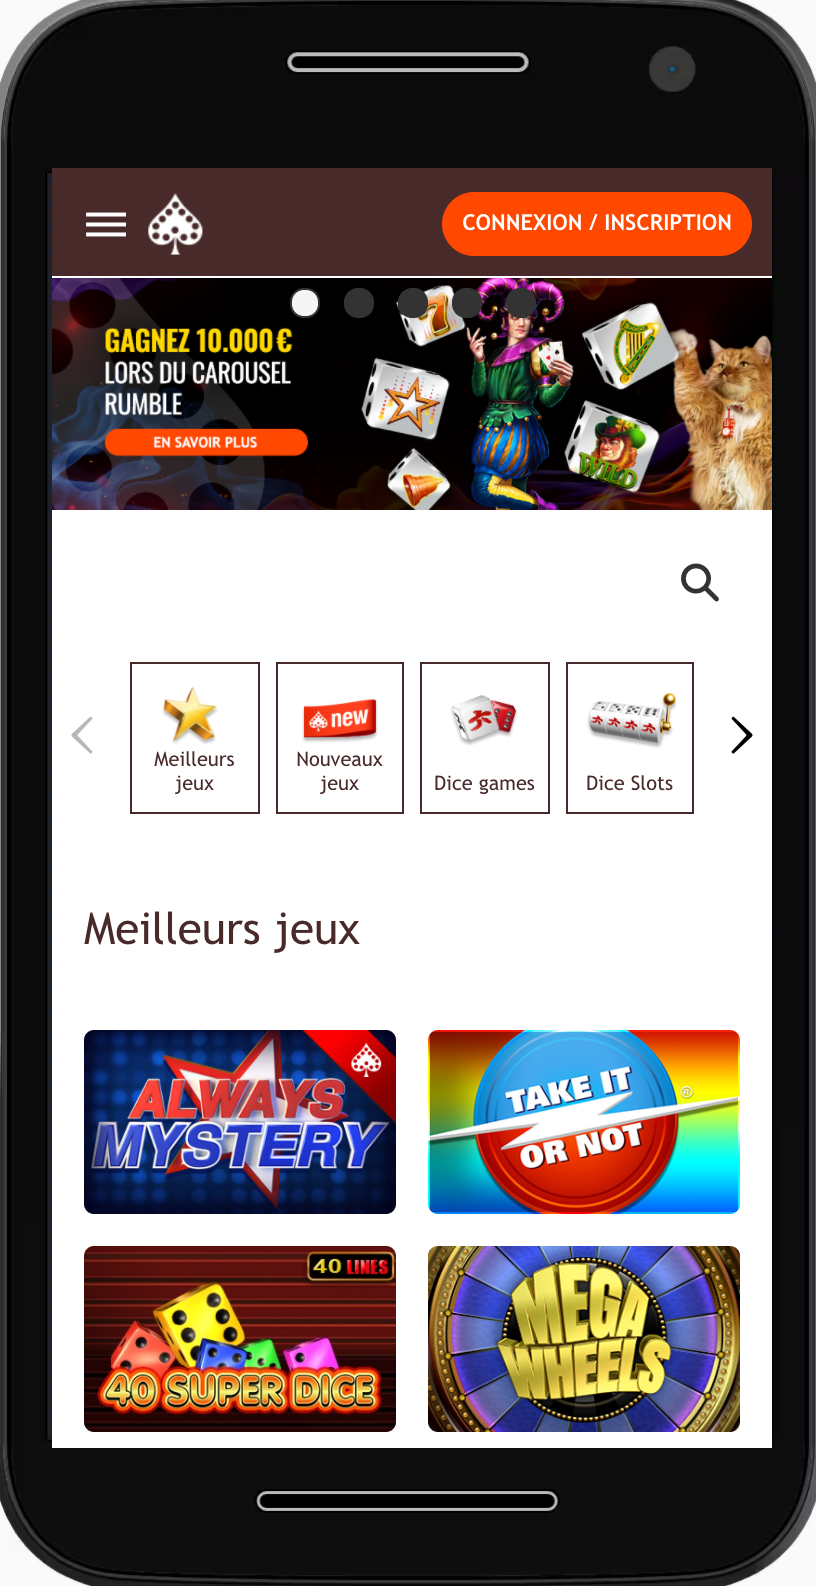 carousel casino en ligne mobile